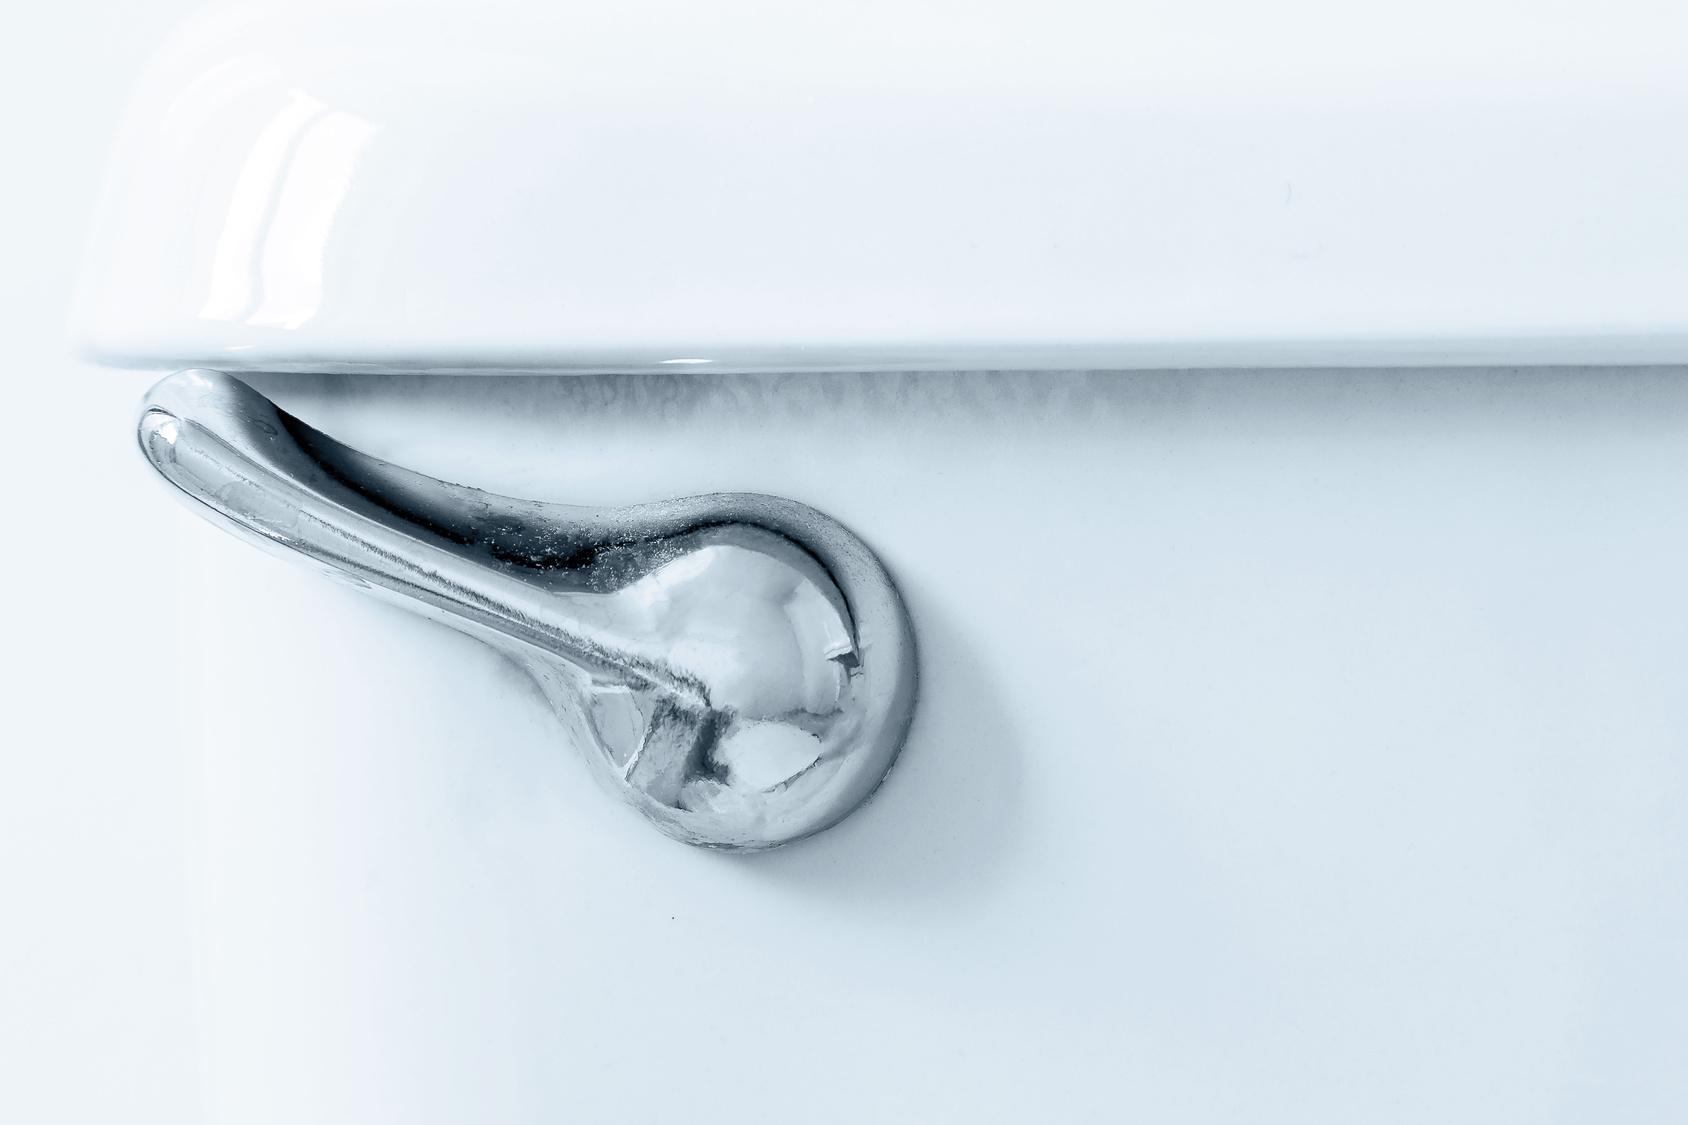 トイレタンクのレバー